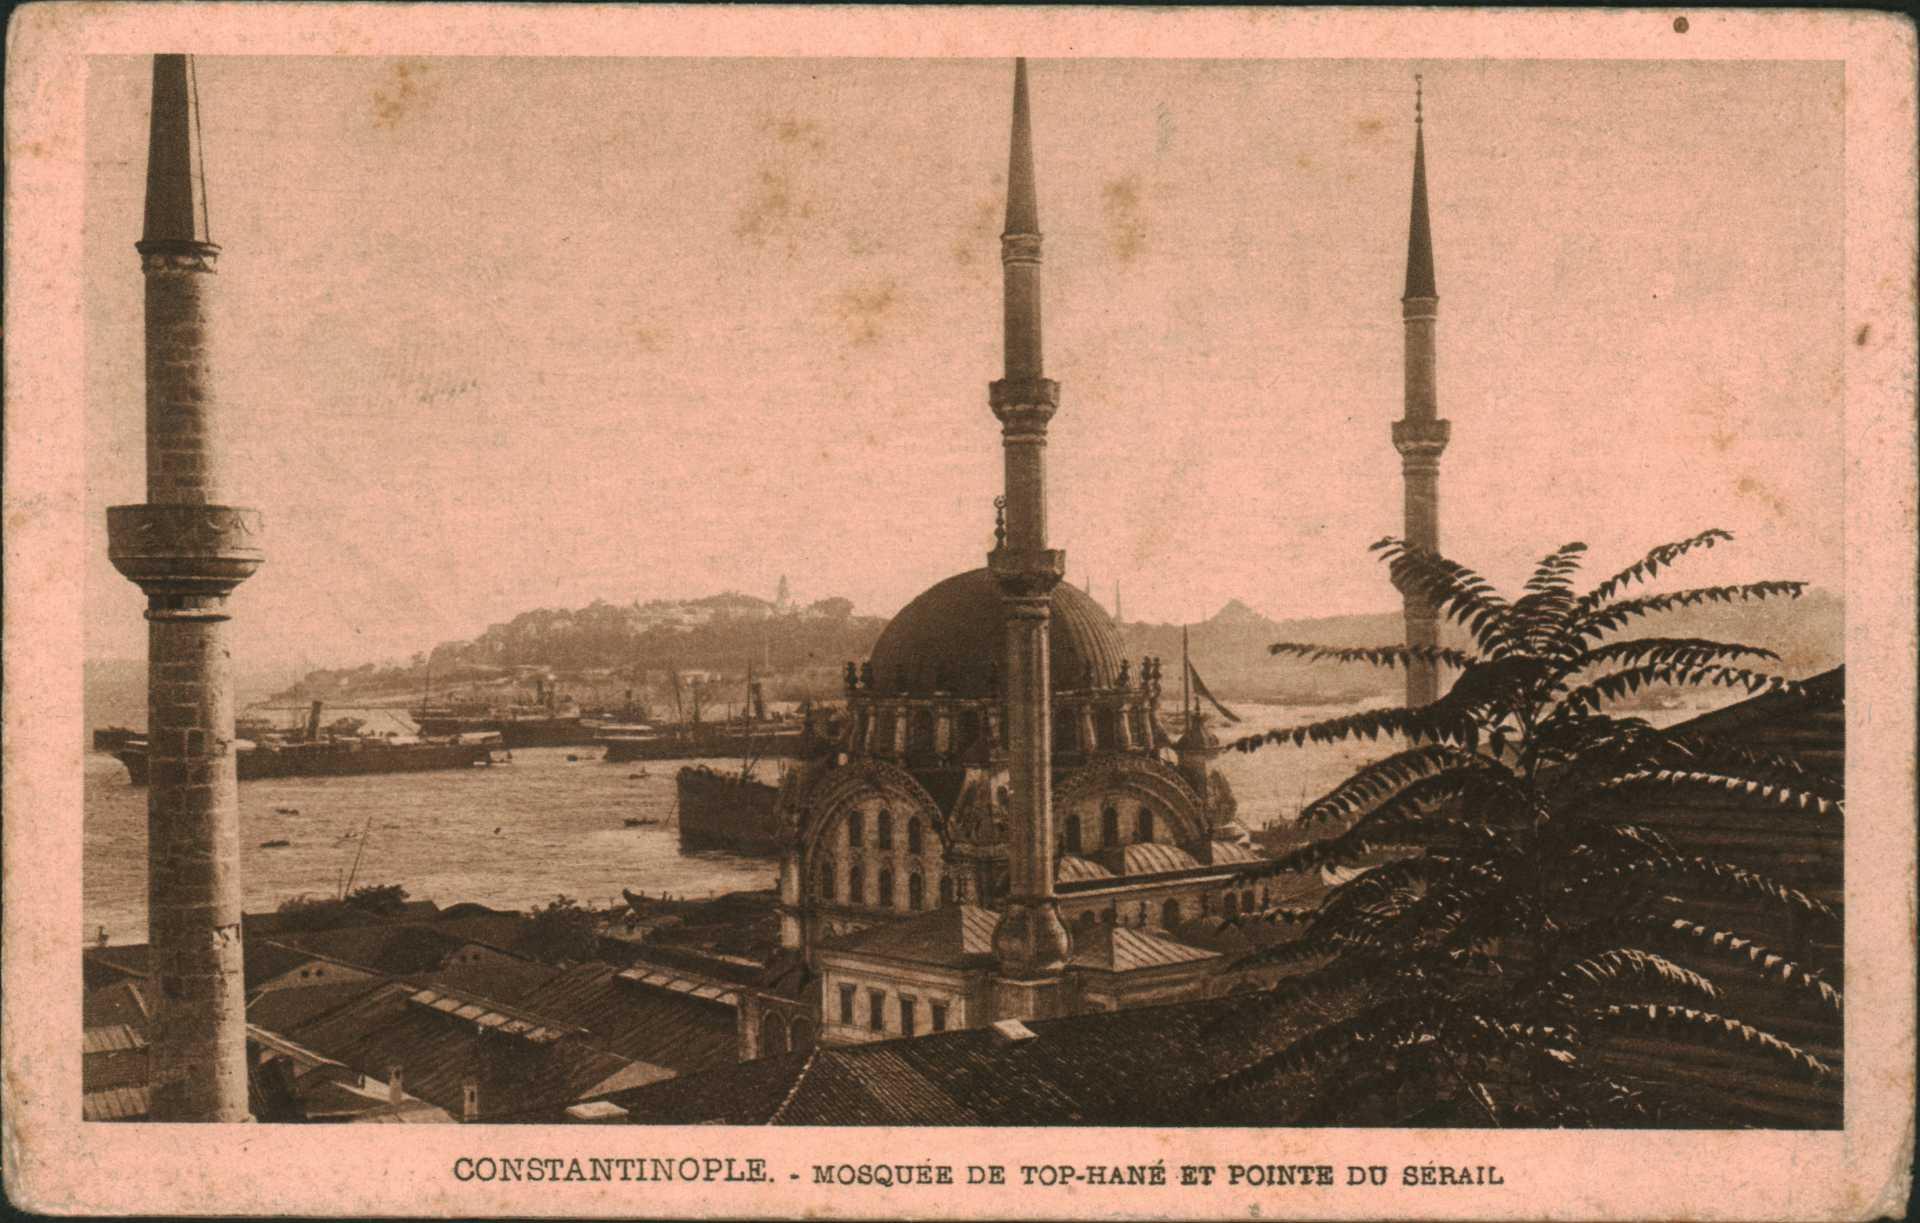 Constantinople. Mosquee de Top-Hane et Poınte Du Seraıl